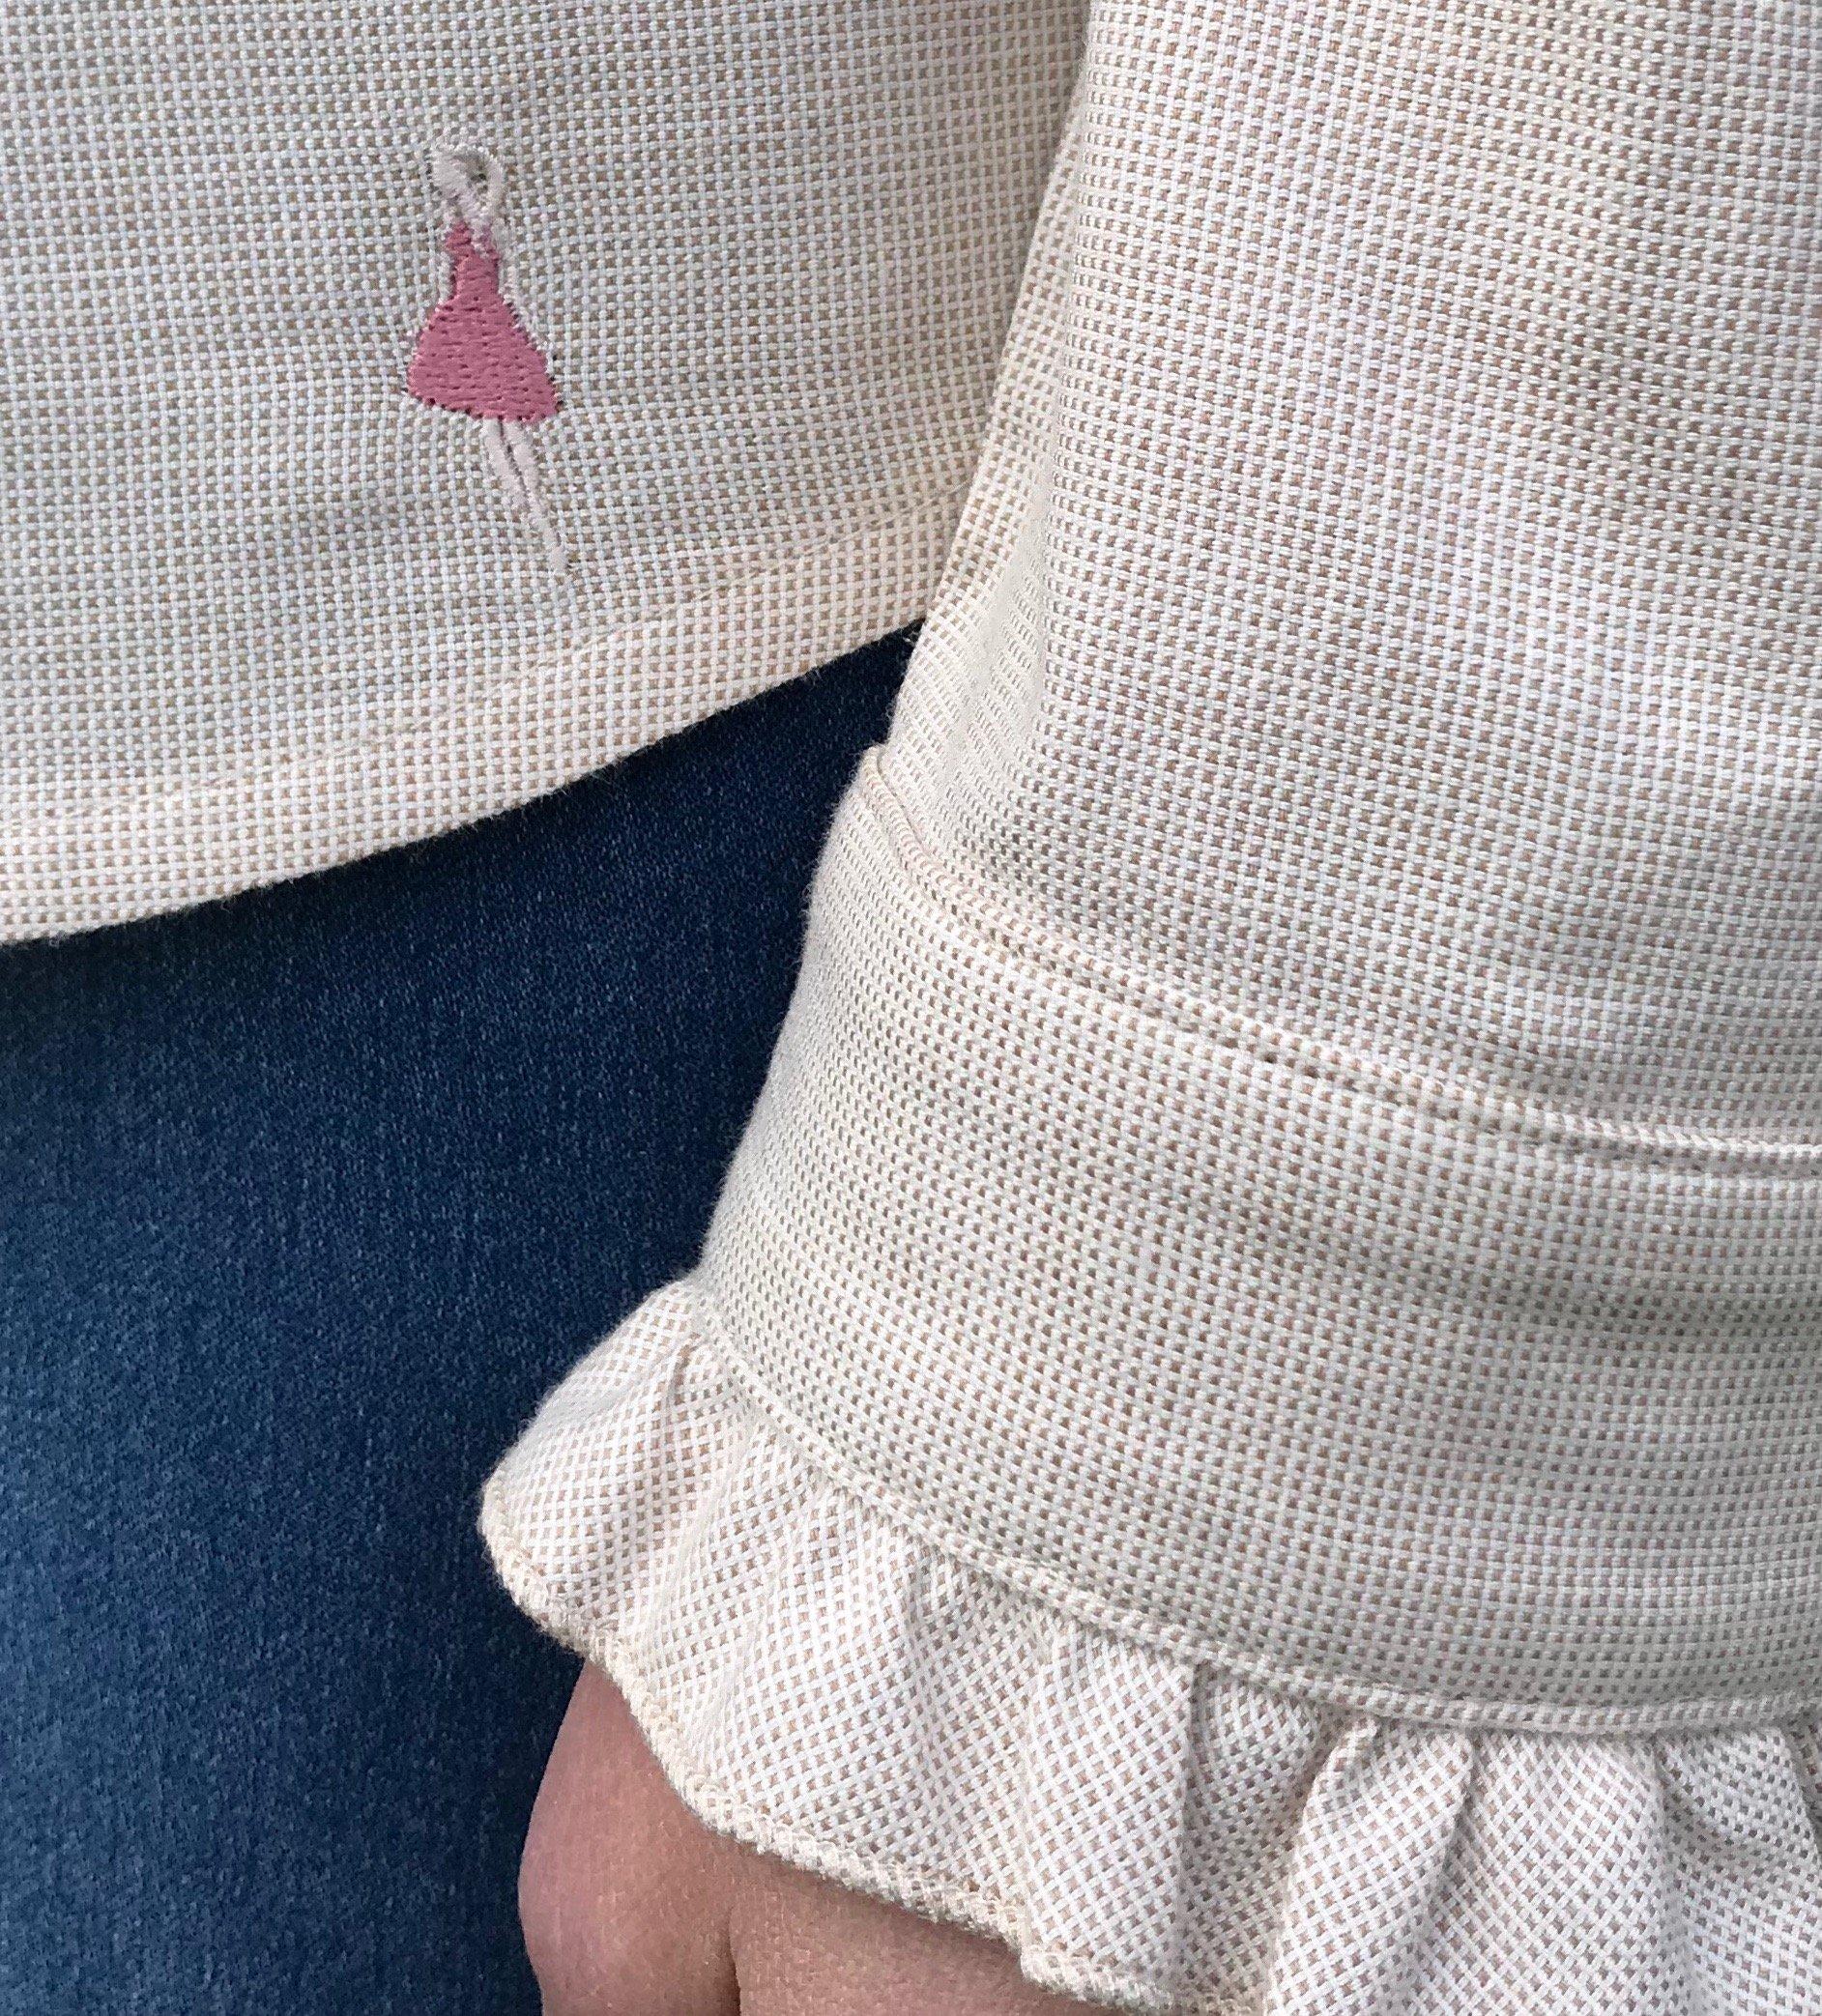 Skjortan Lena i 100% BCI bomull, naturligt färgad. Bild visar Keep the Fashions broderade logga och manschett.